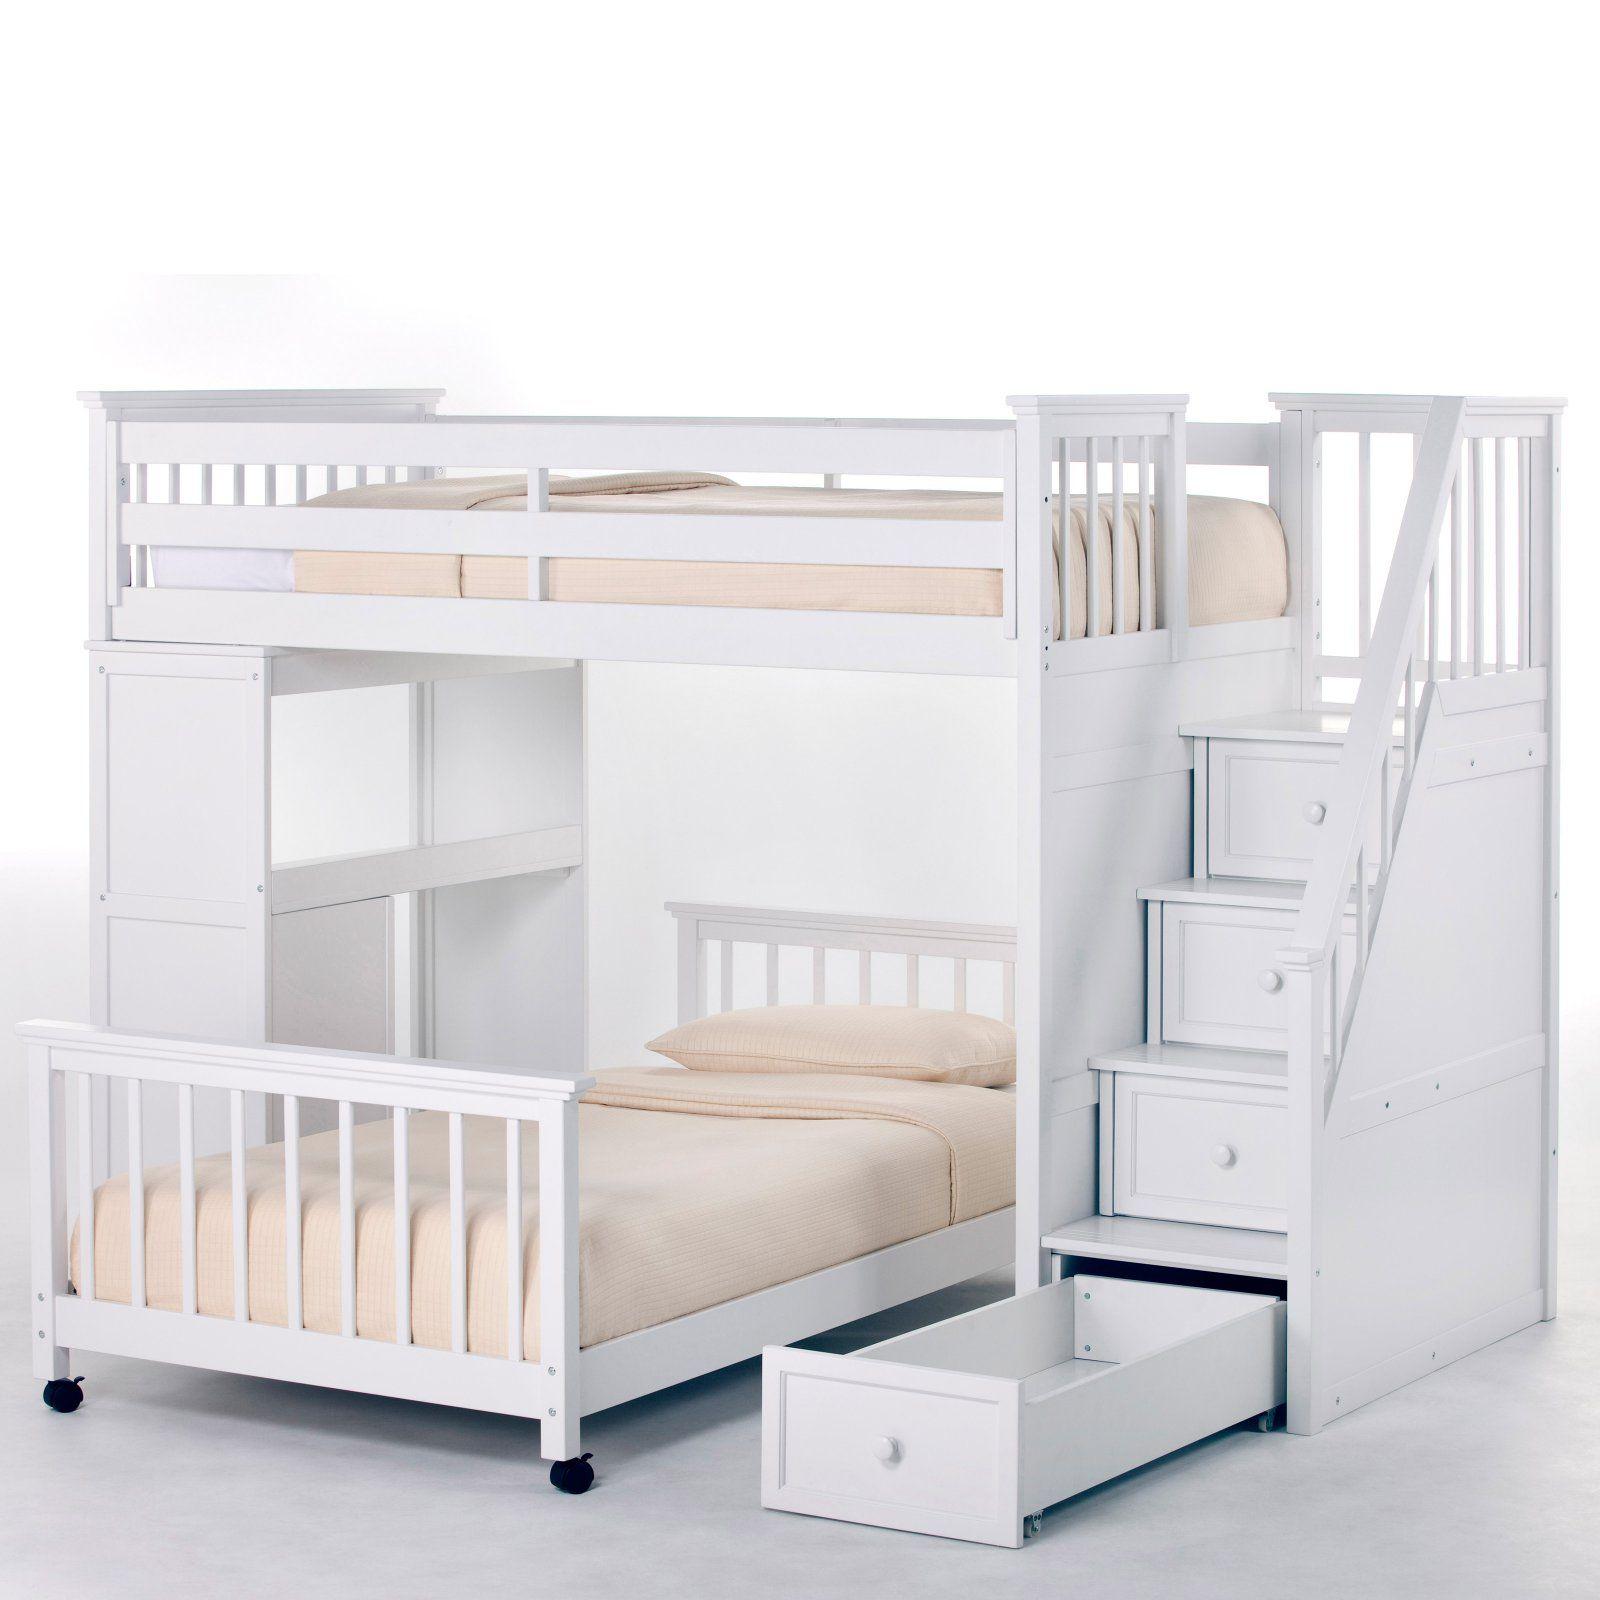 Ne Kids Schoolhouse Stairway Loft Bed White Bunk Bed Designs Loft Bed Loft Bunk Beds